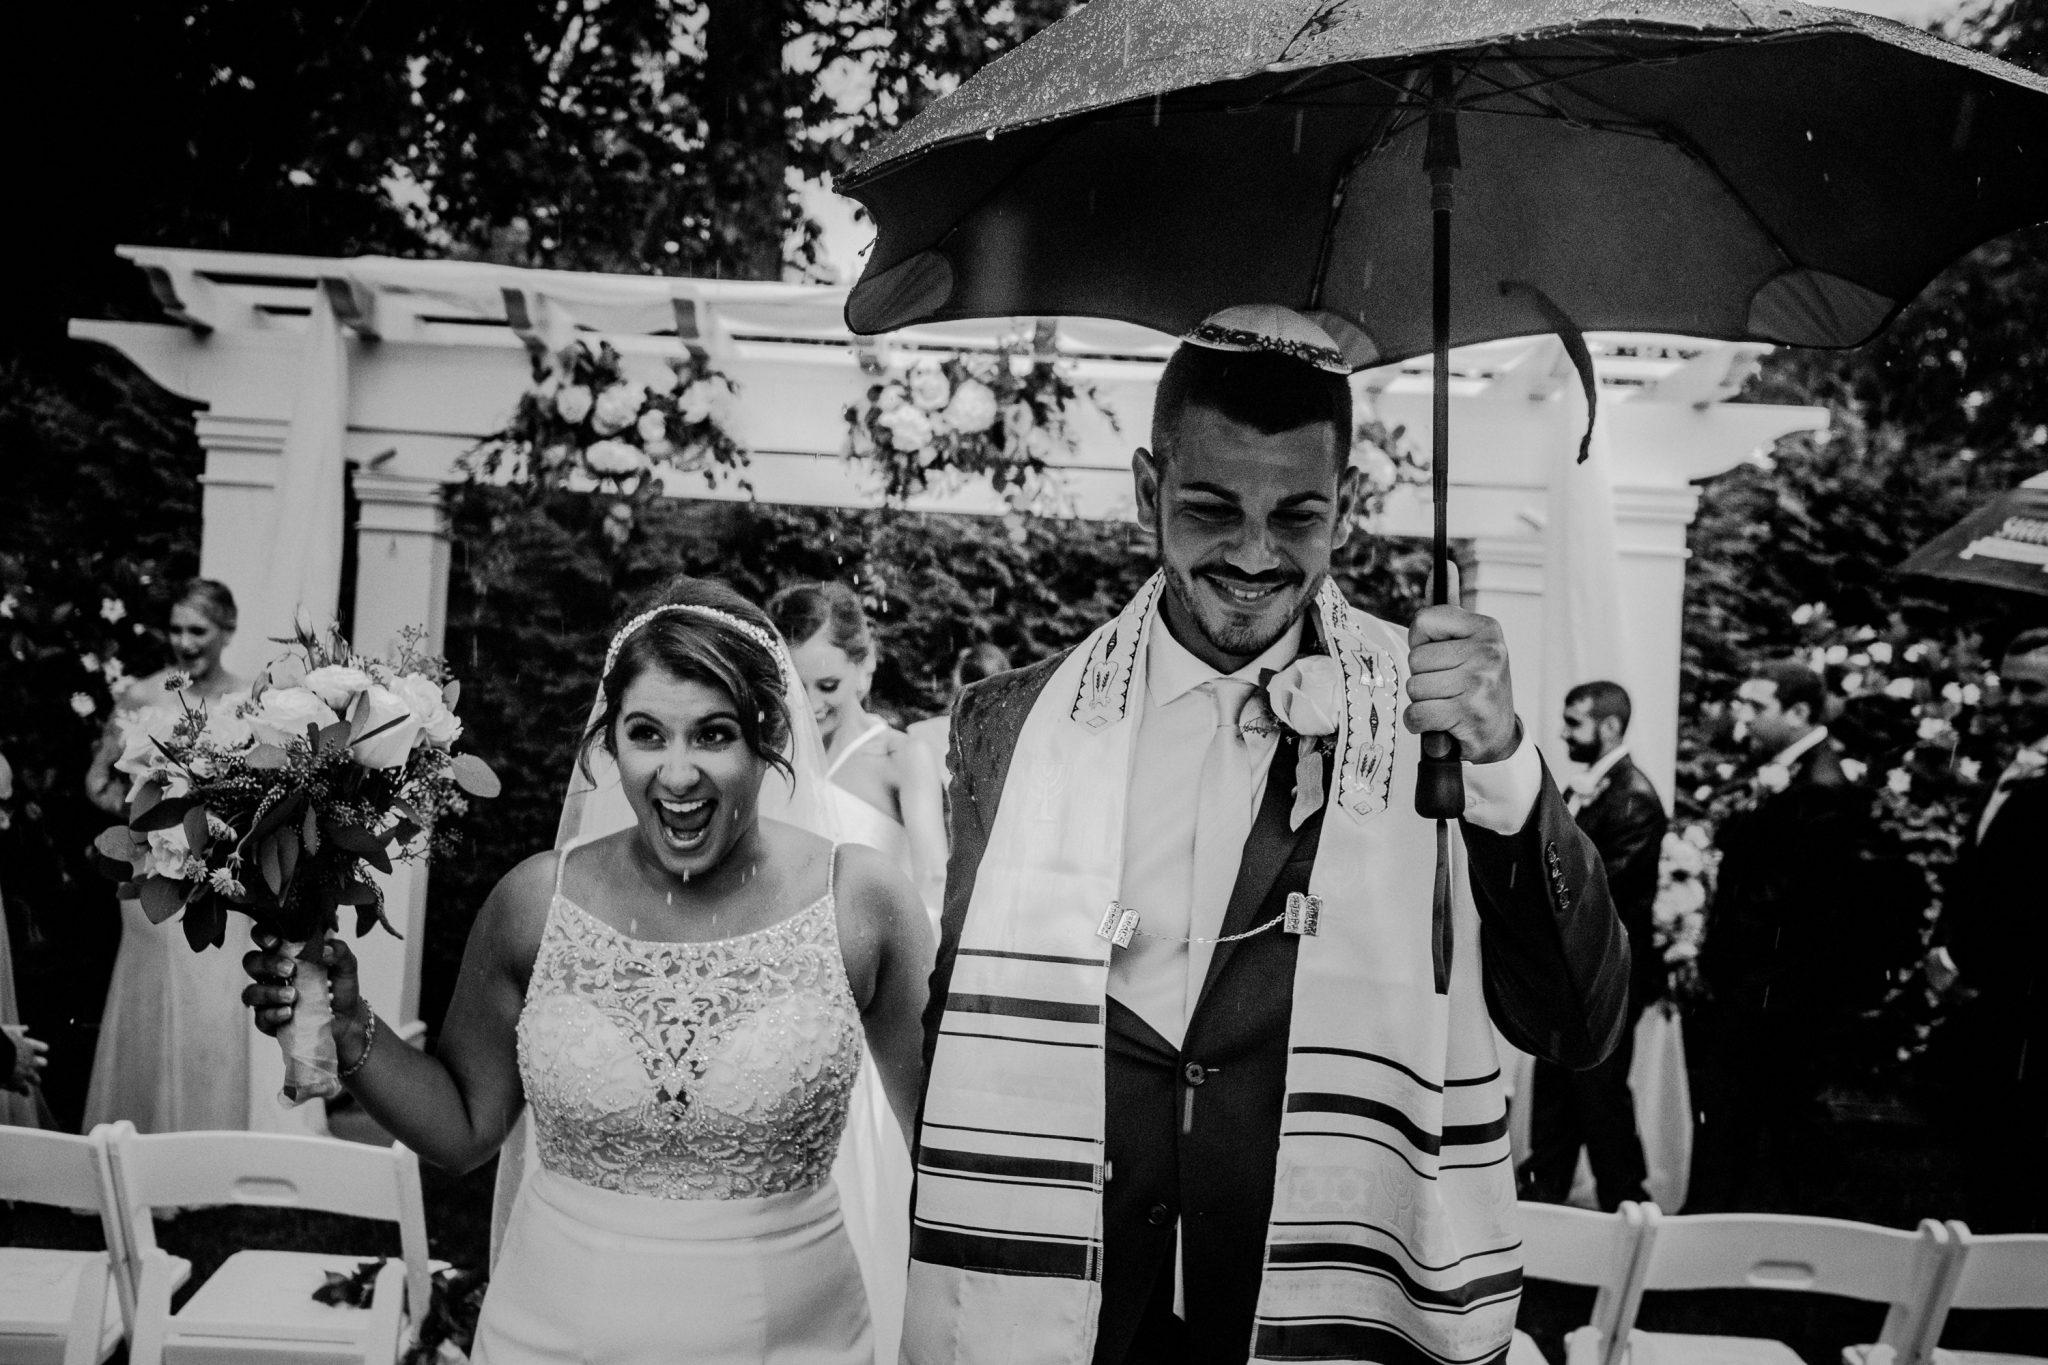 rainy wedding day pictures